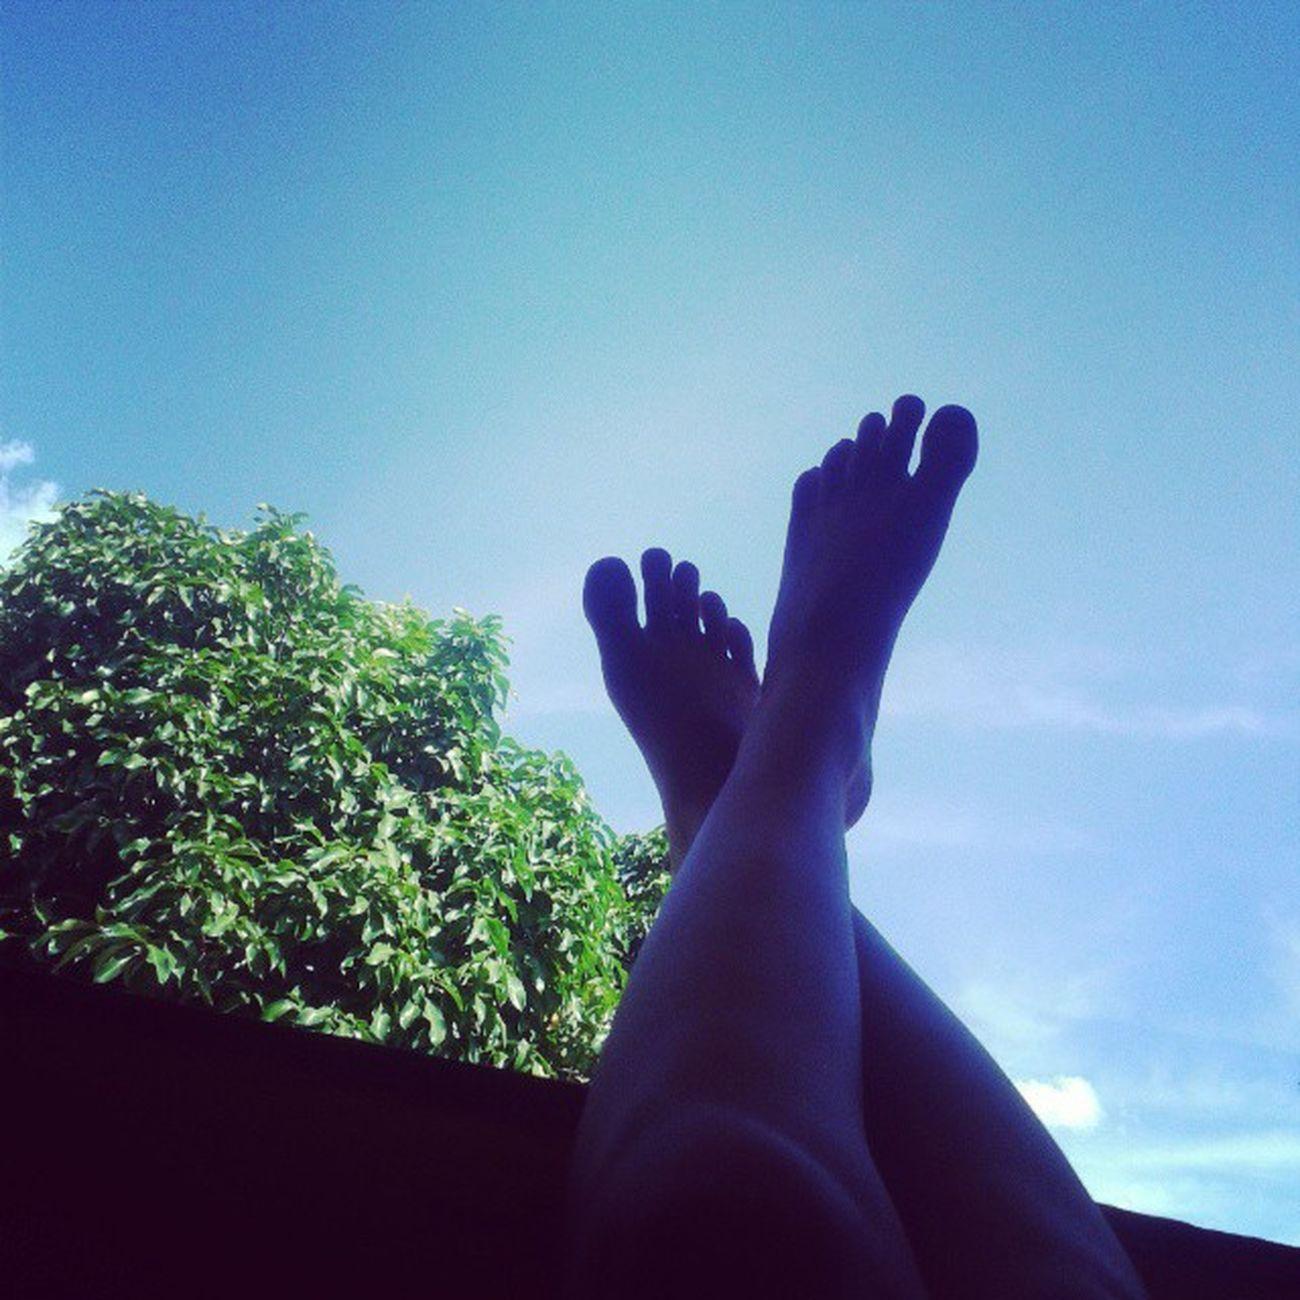 """"""" Hoje o céu abriu e o sol apareceu. O tempo até parou quando você chegou..."""" Dialindo CeuAzul Boatarde Piscina Sombraeaguafresca ComIrmãoPrima Amomuitotudoisso"""